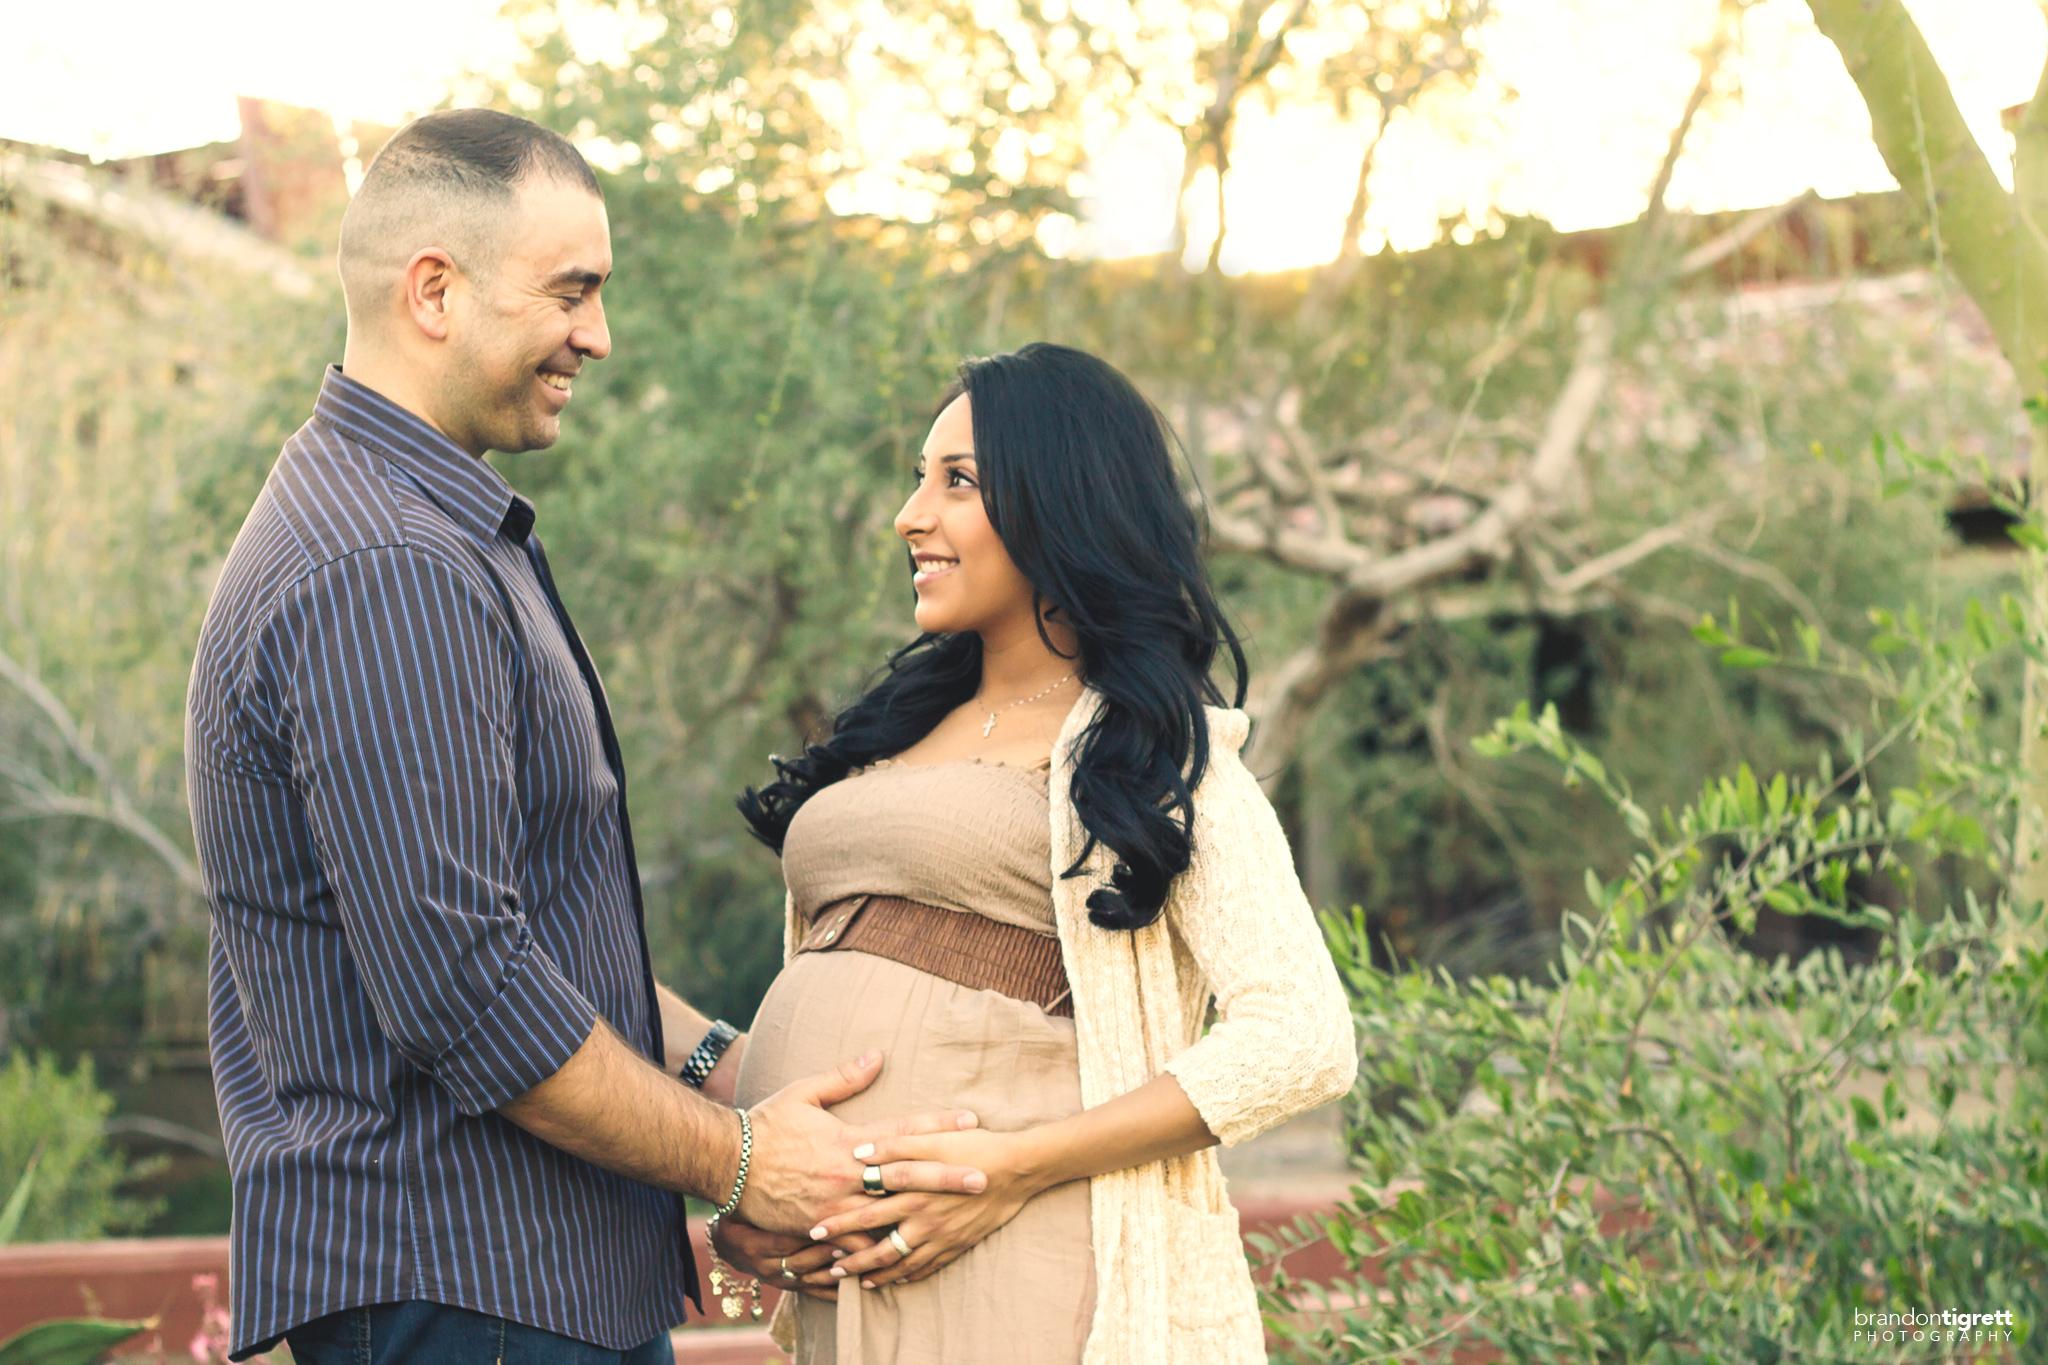 Creative Maternity Poses - Scottsdale AZ Photographer